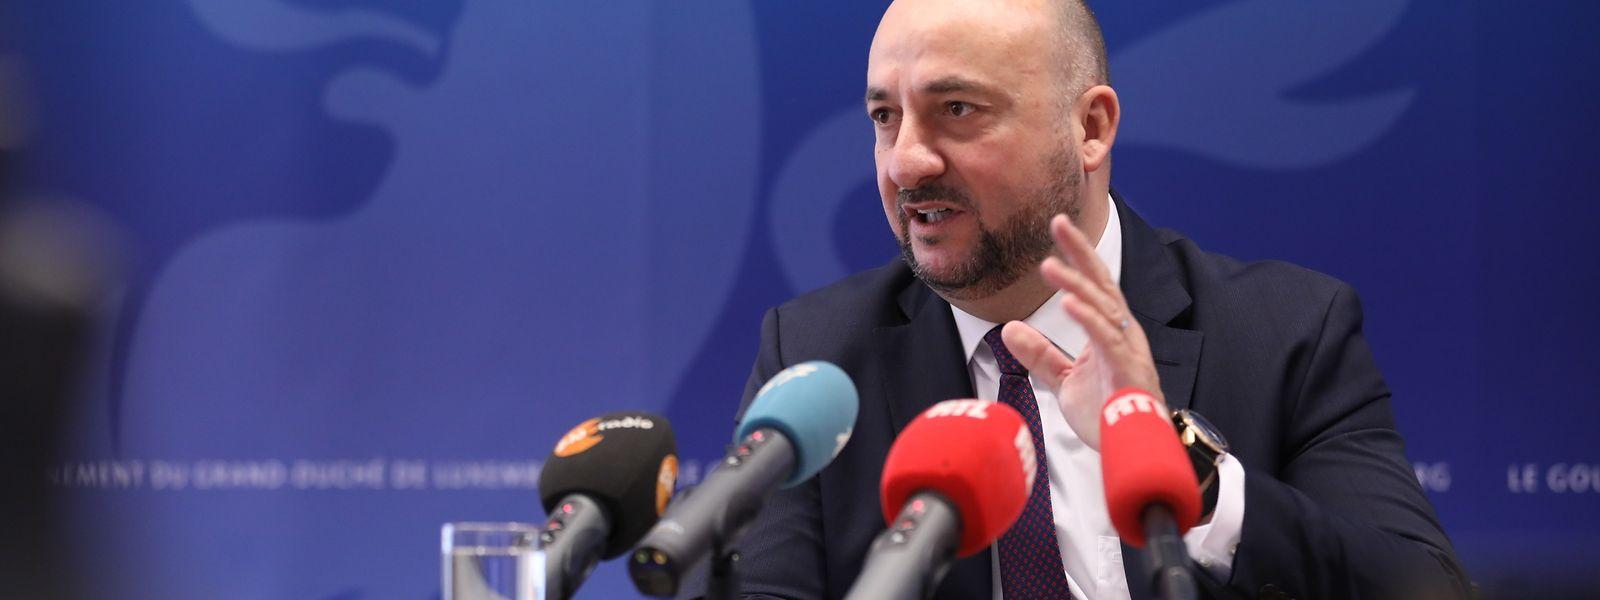 Vizepremier Etienne Schneider (LSAP) verlässt ein gutes Jahr nach den Parlamentswahlen die Regierung.